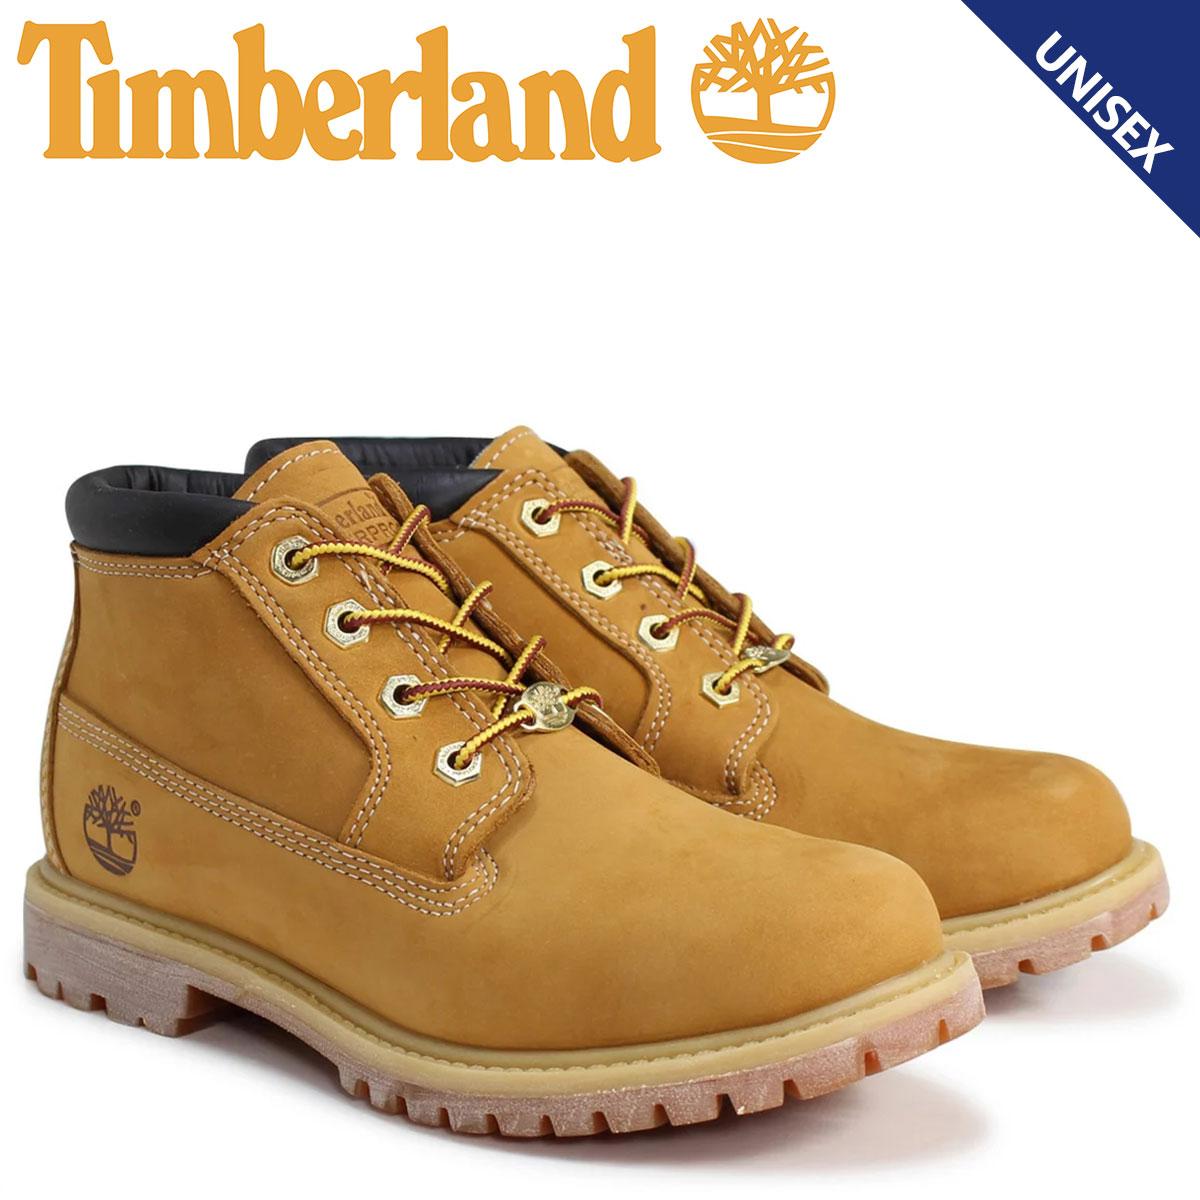 ブーツ, その他 Timberland NELLIE CHUKKA DOUBLE WATERPLOOF BOOTS W 23399